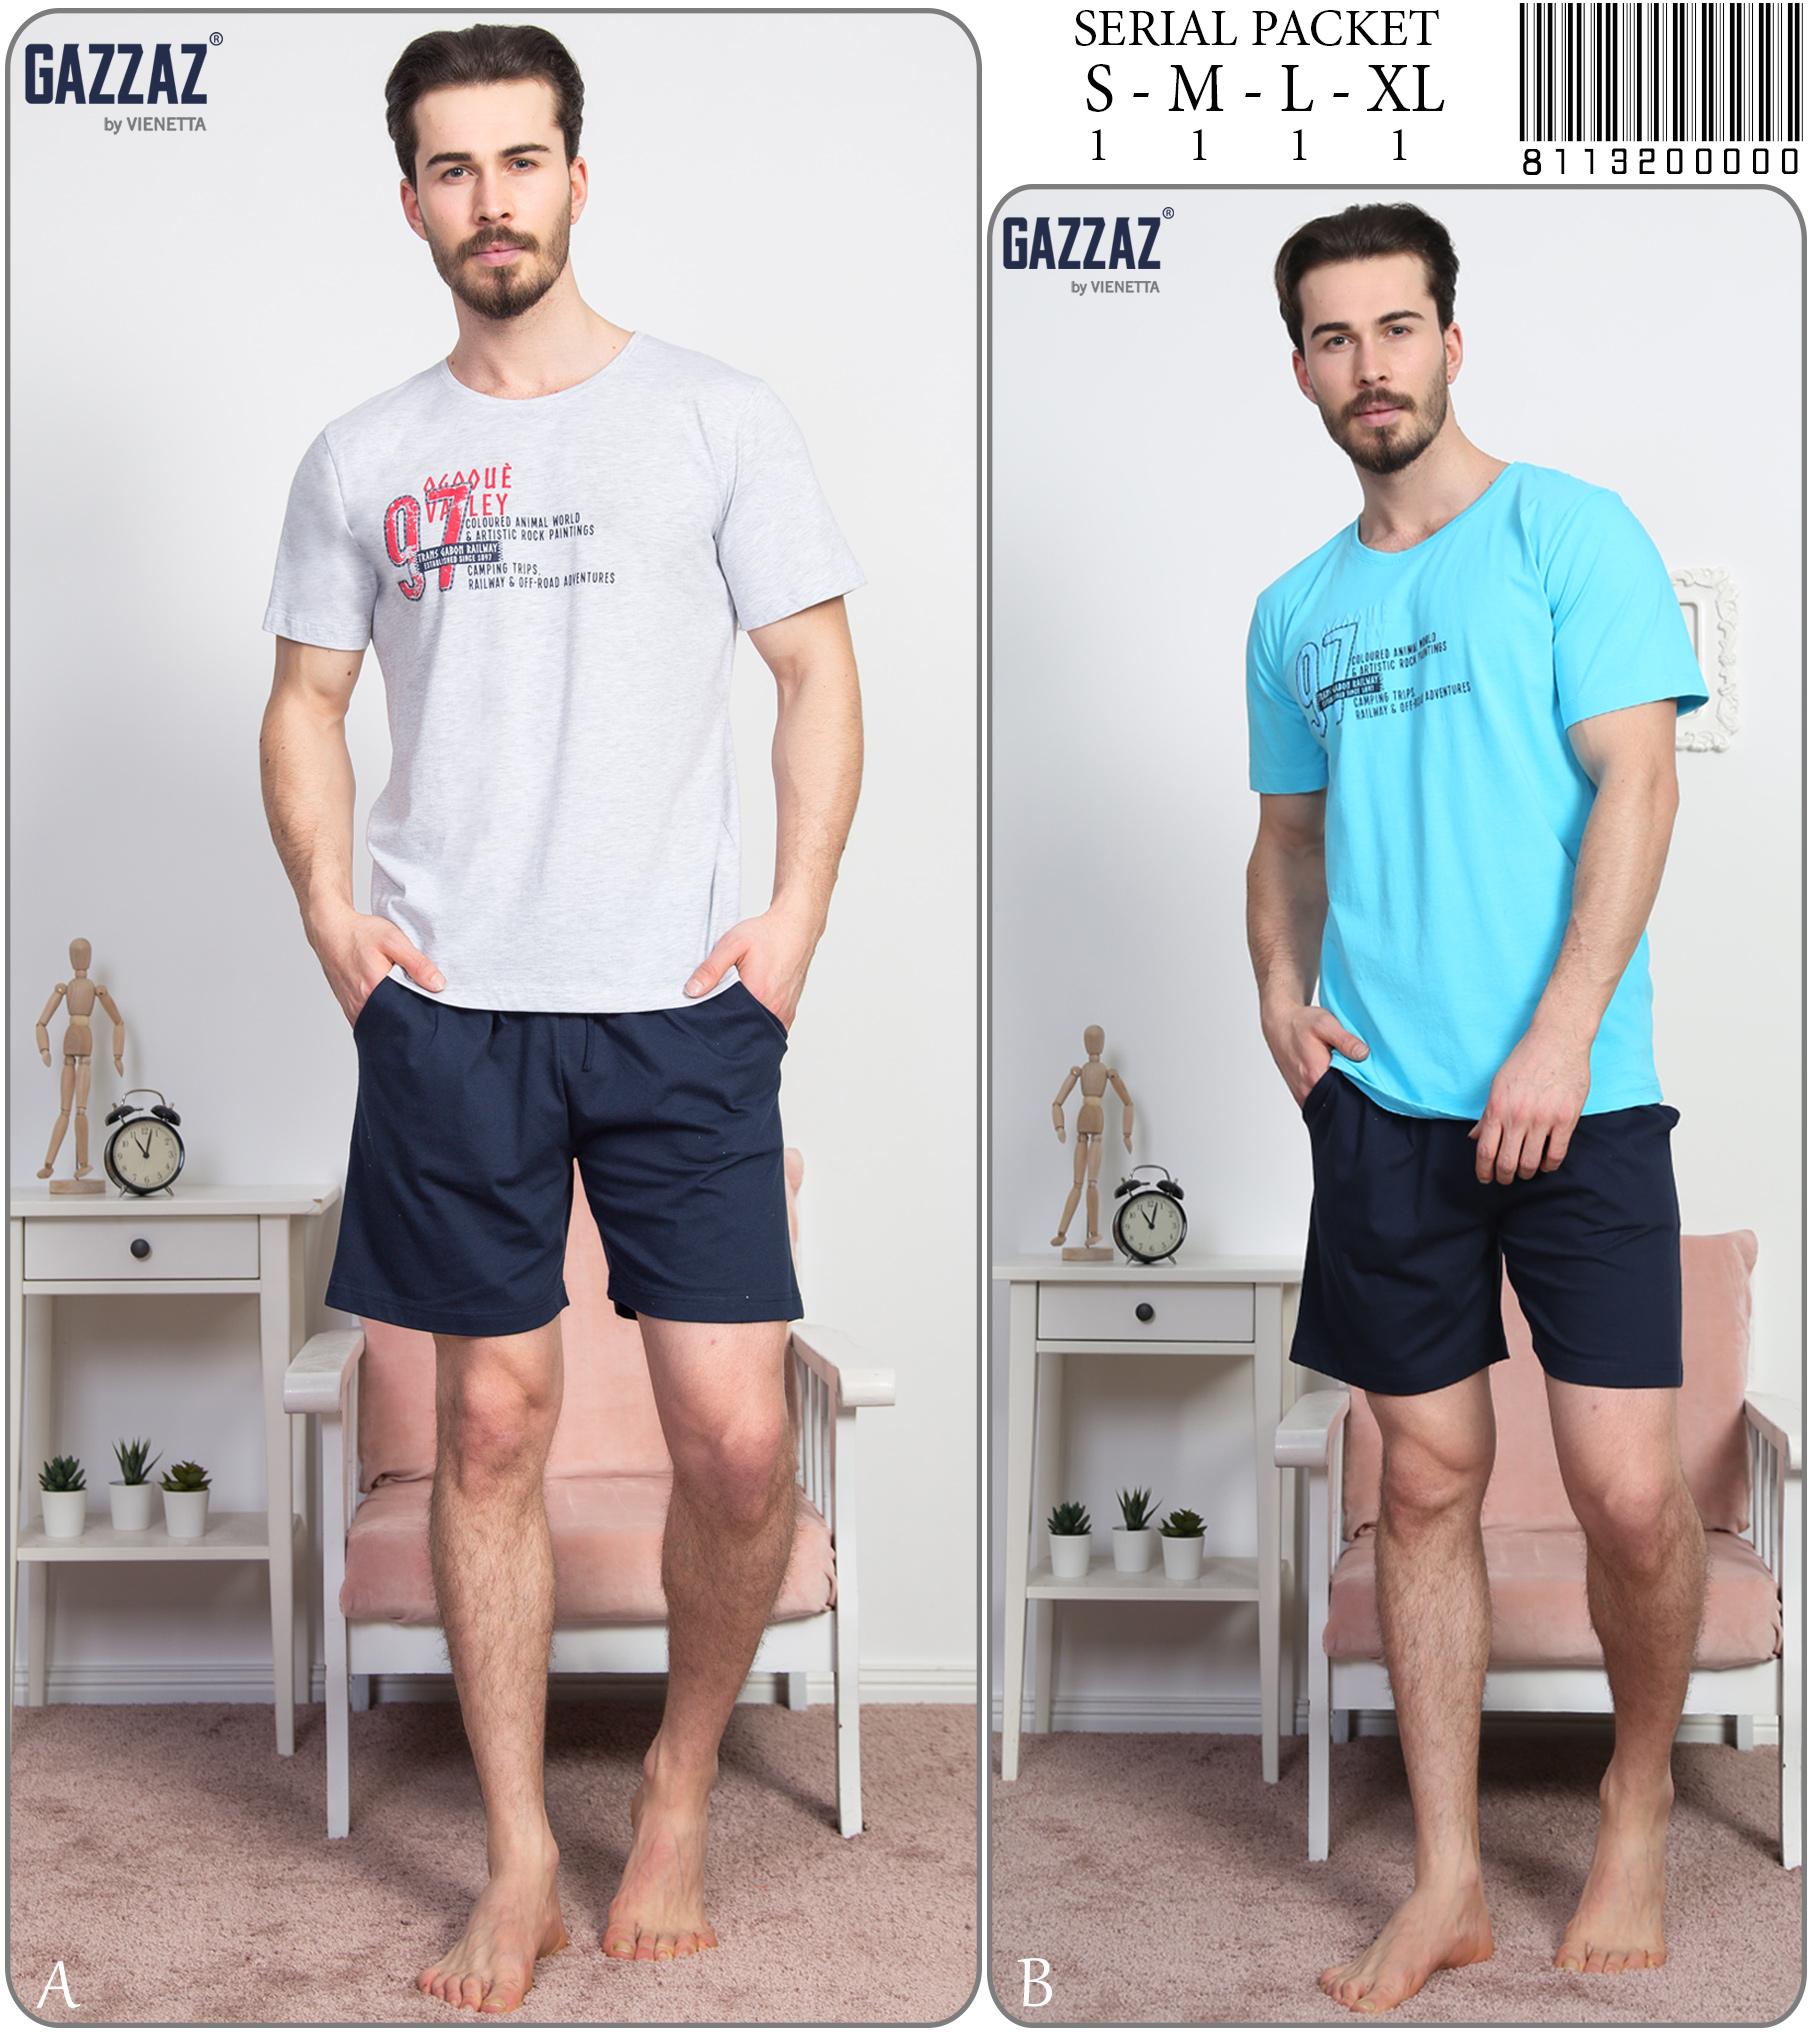 Пижама мужская Шорты 8113200000